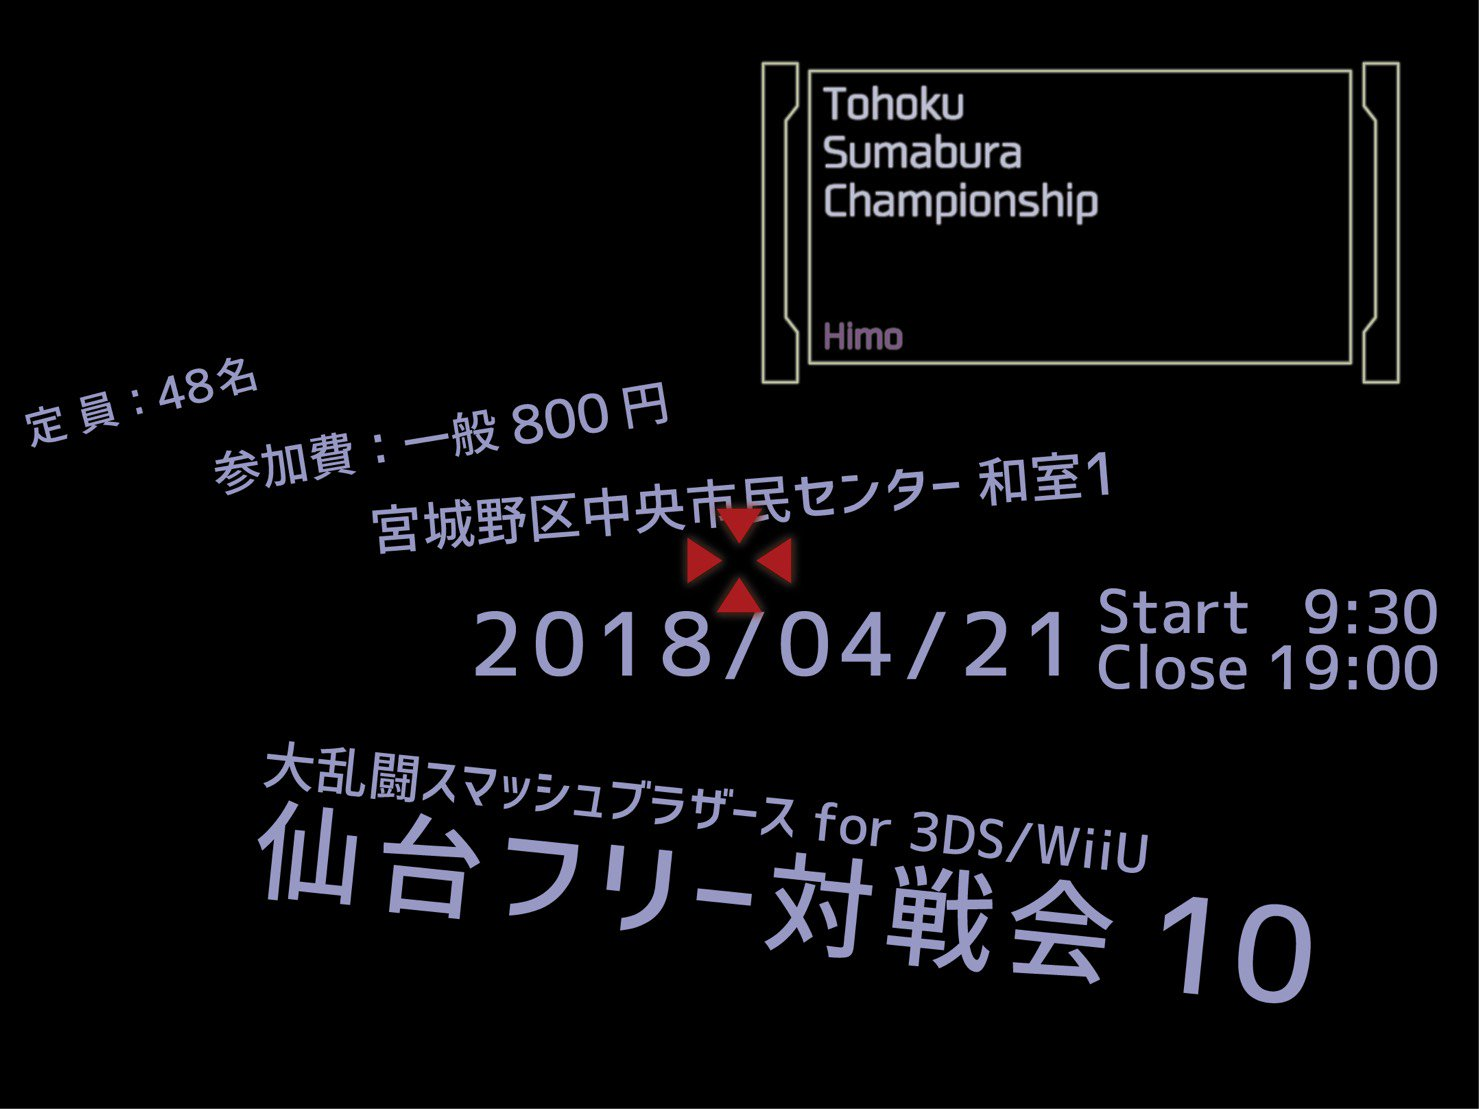 仙台フリー対戦会10告知画像